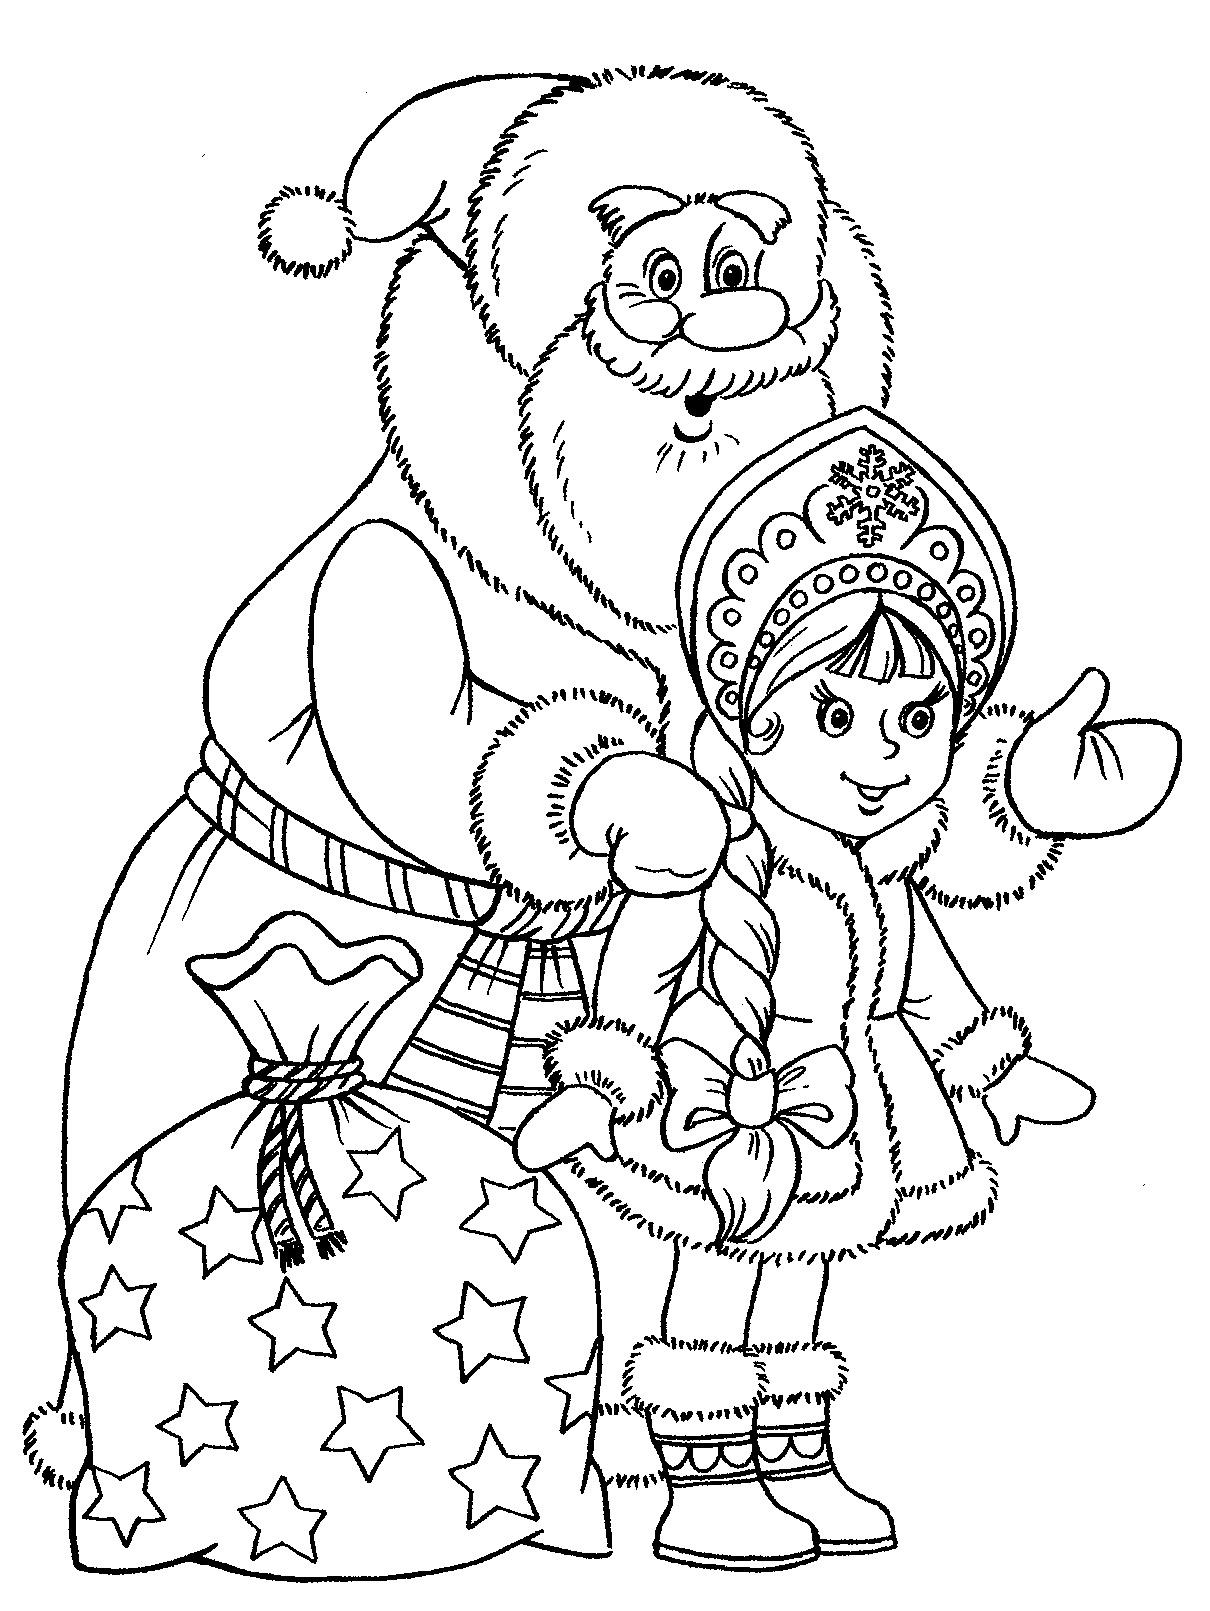 Раскраска Дед Мороз со Снегурочкой распечатать или скачать ...